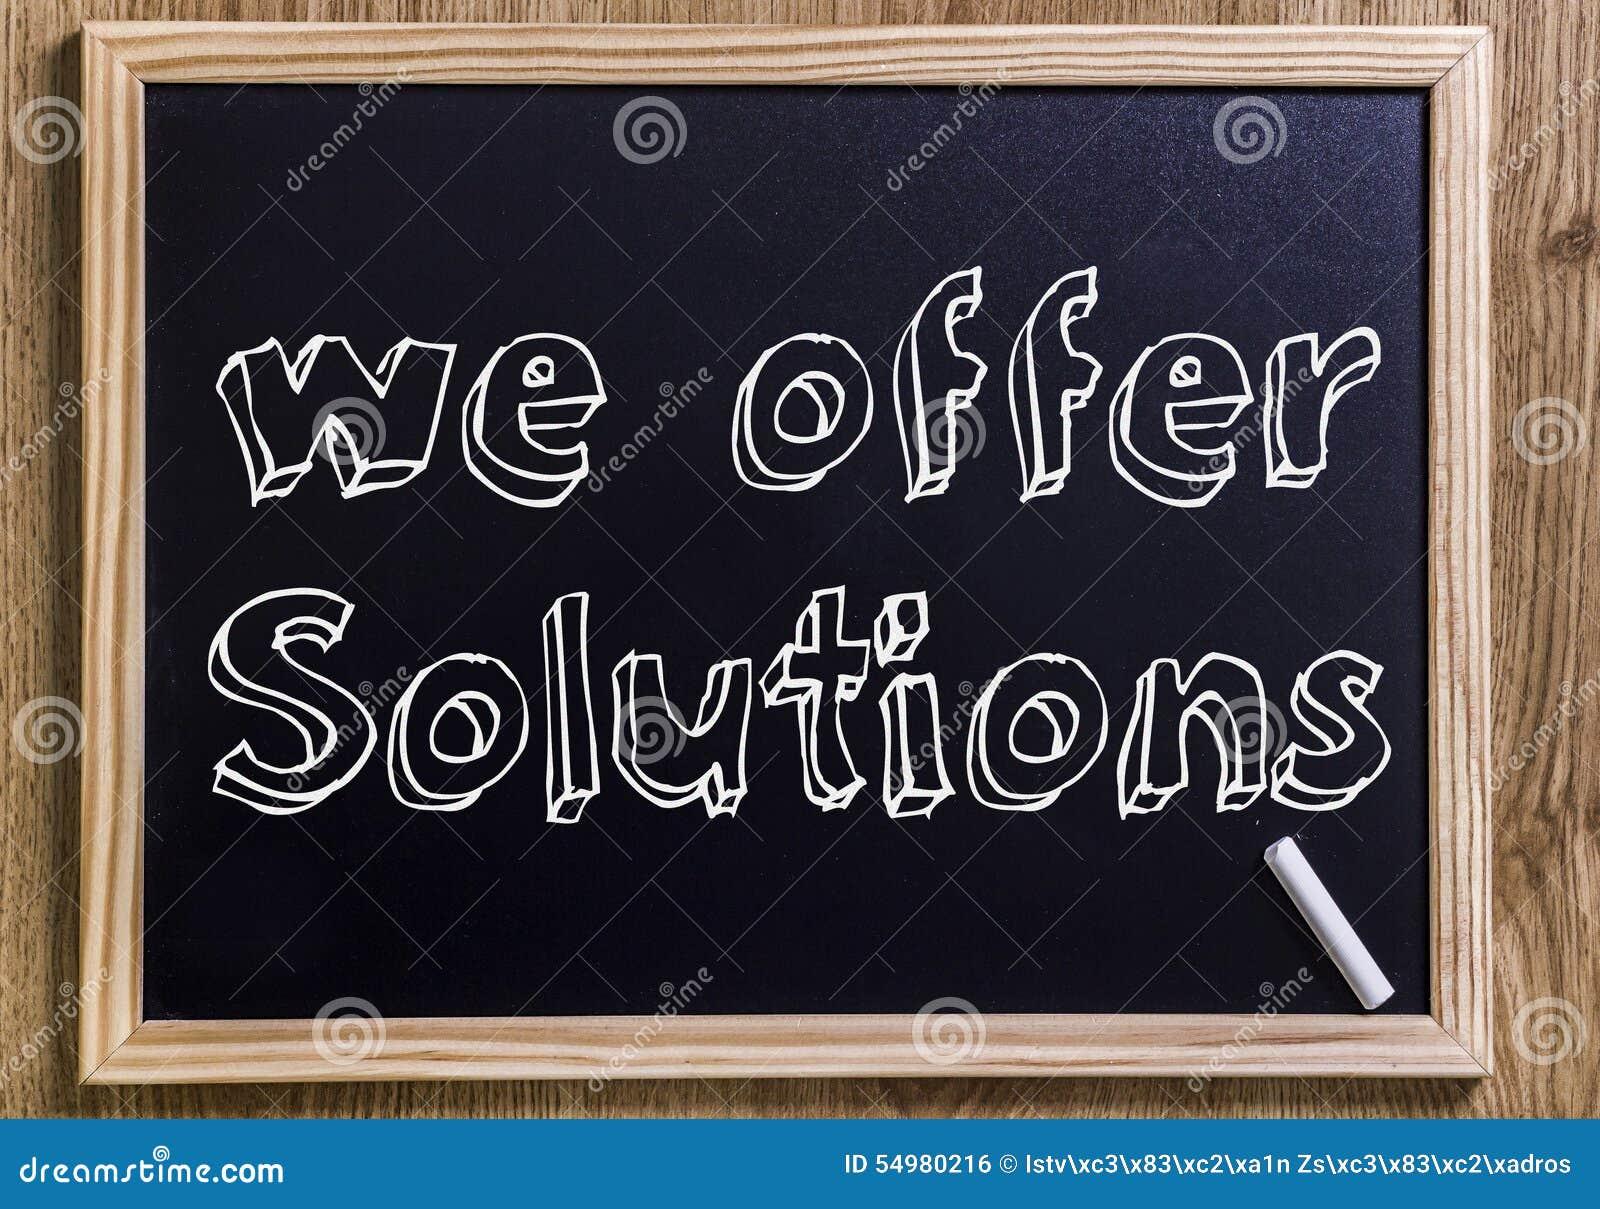 Nós oferecemos soluções